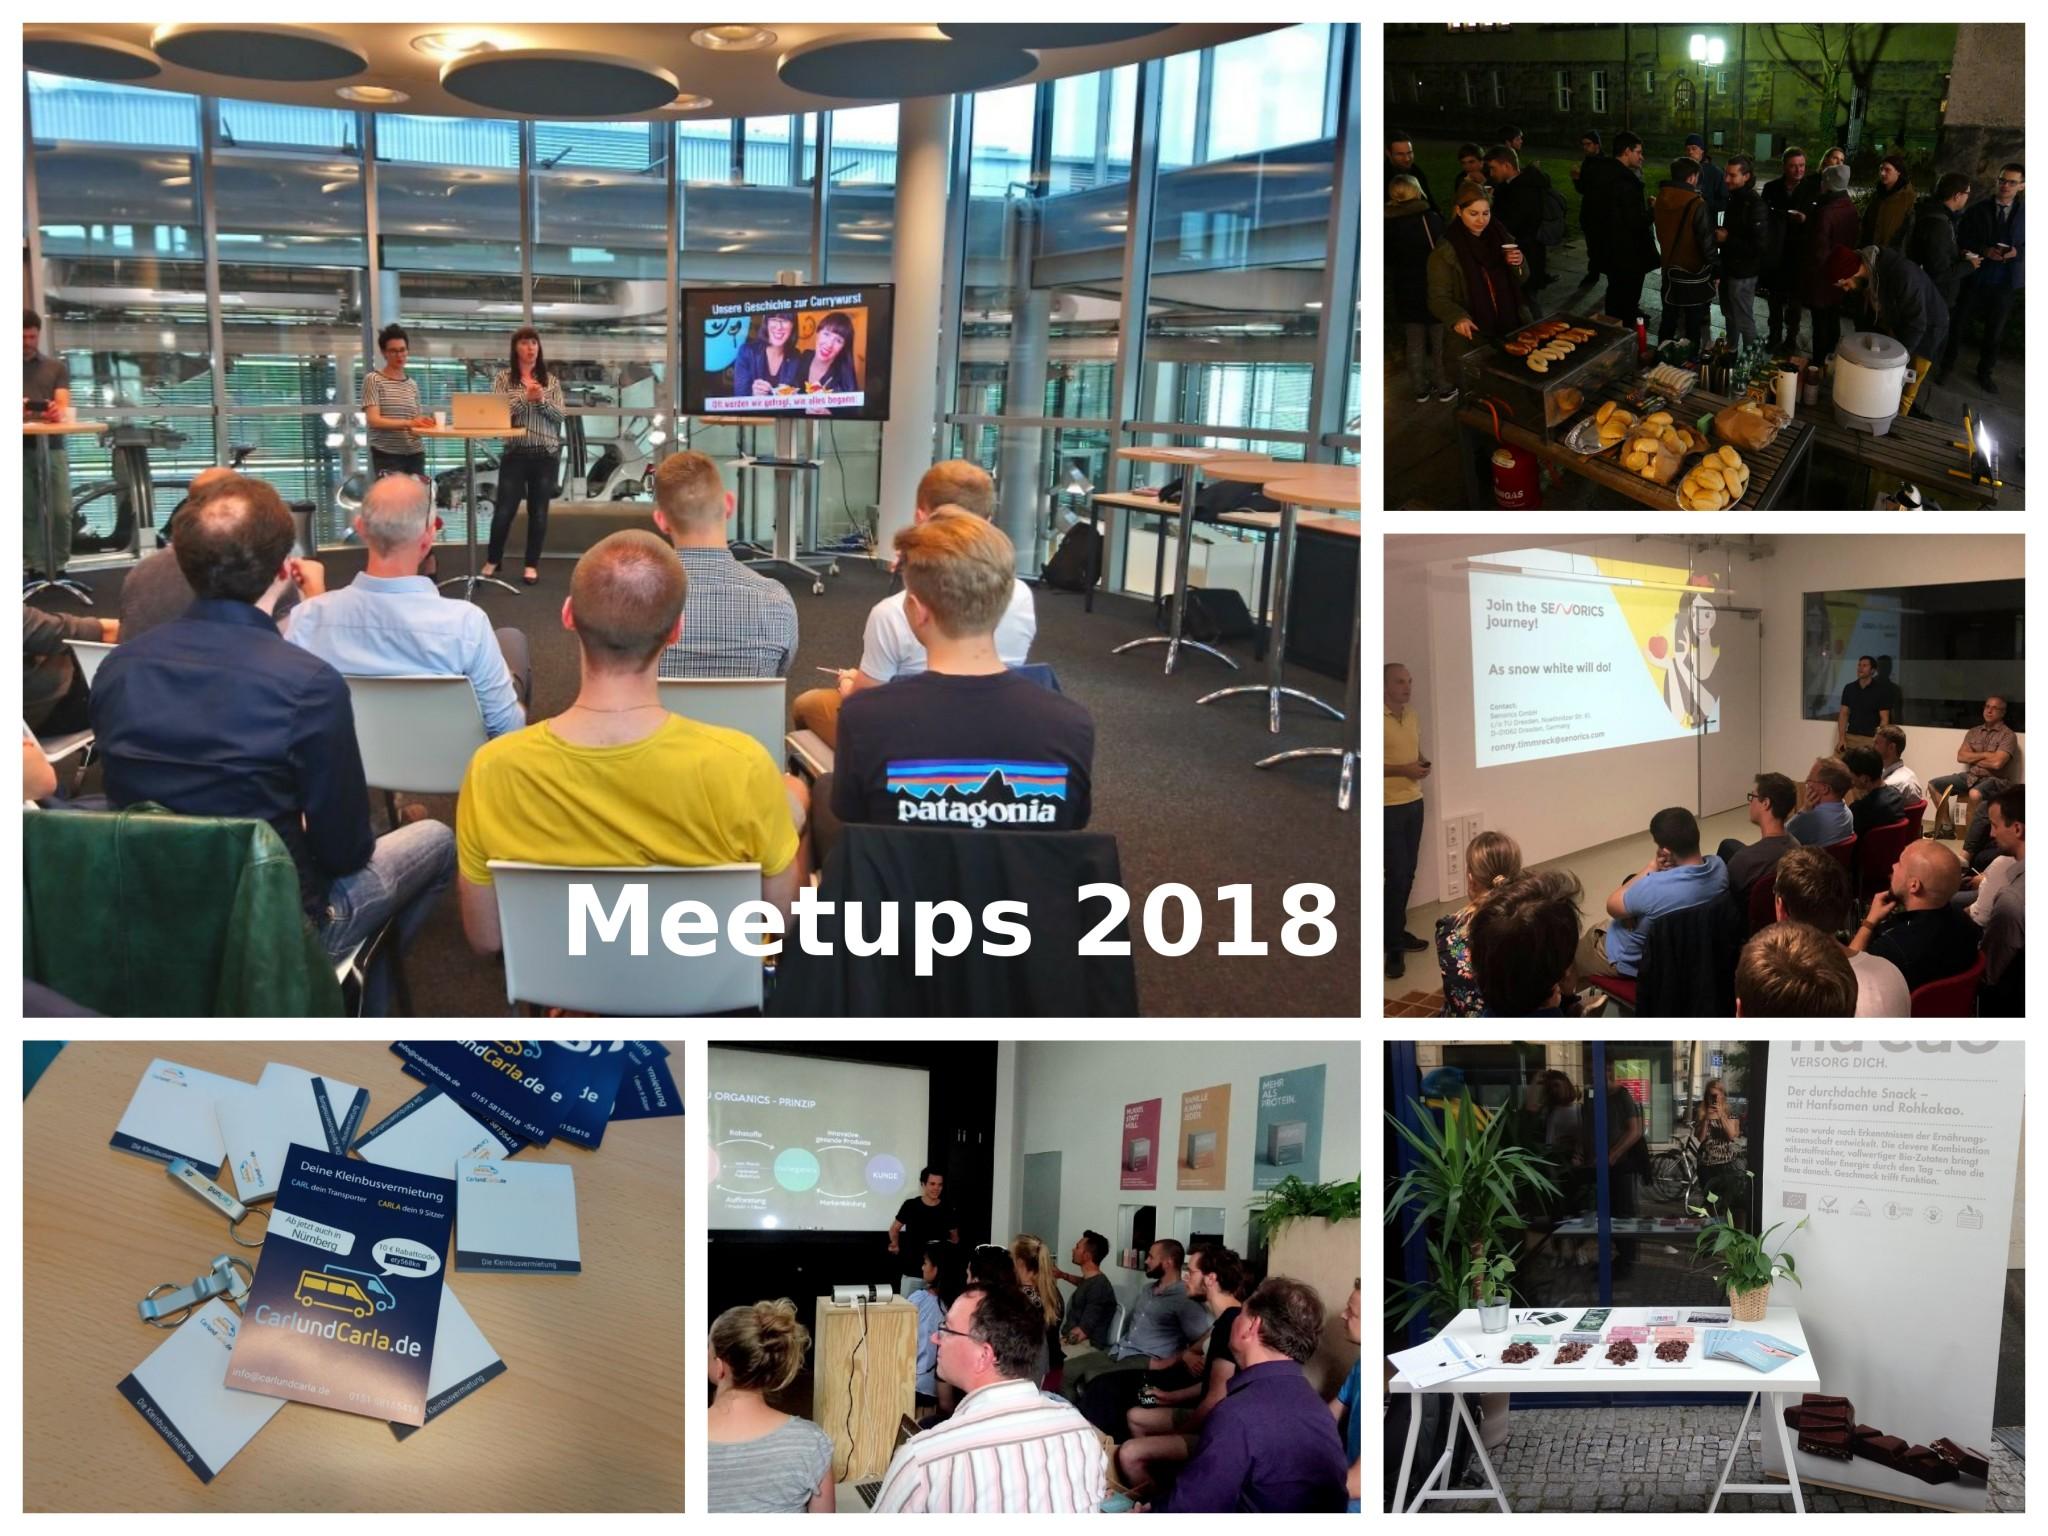 meetups_18